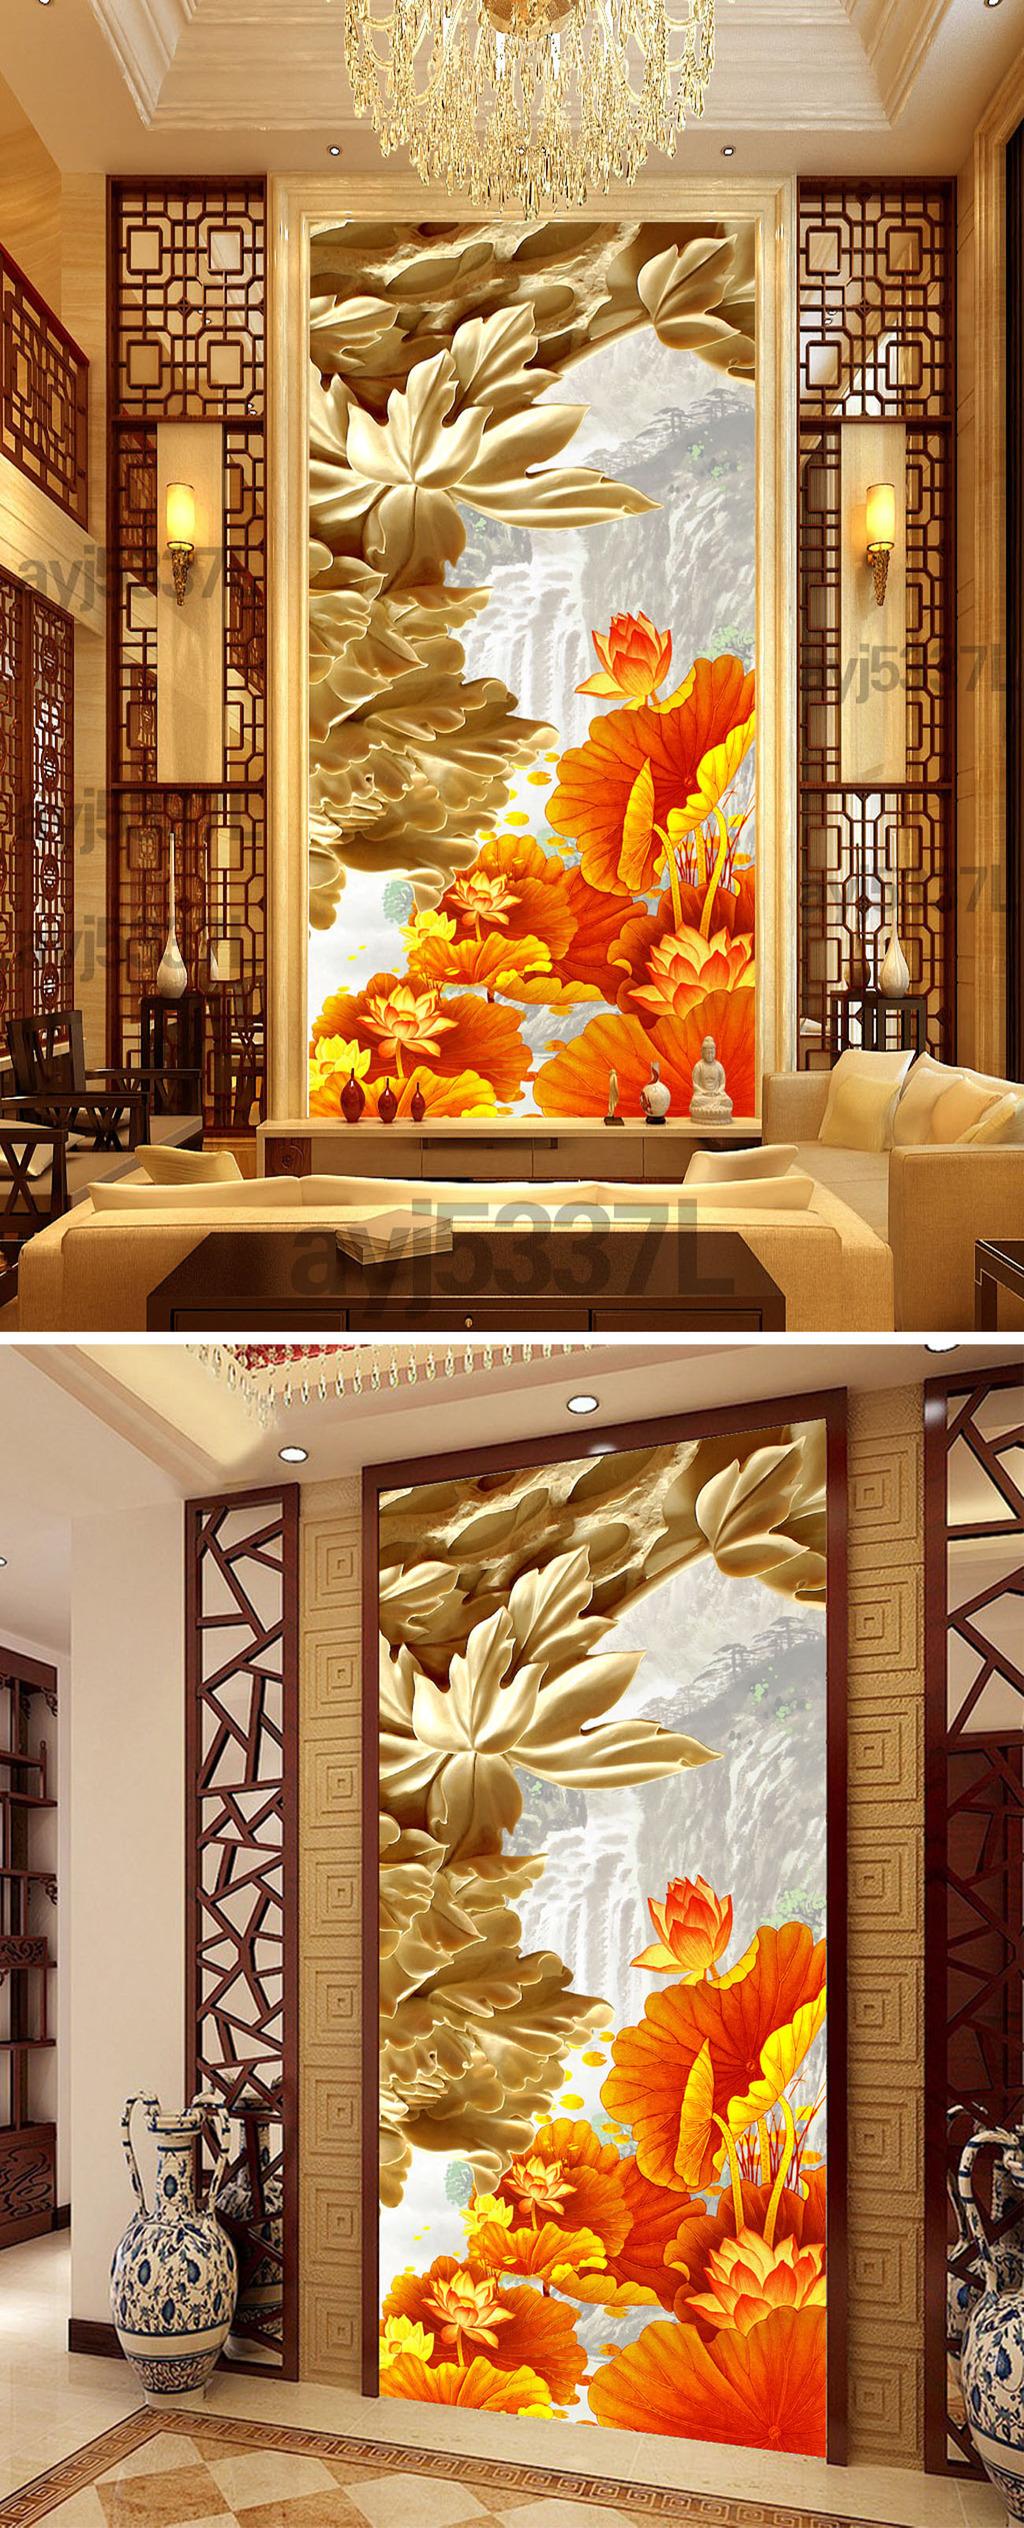 金色牡丹花开木雕玄关过道背景墙